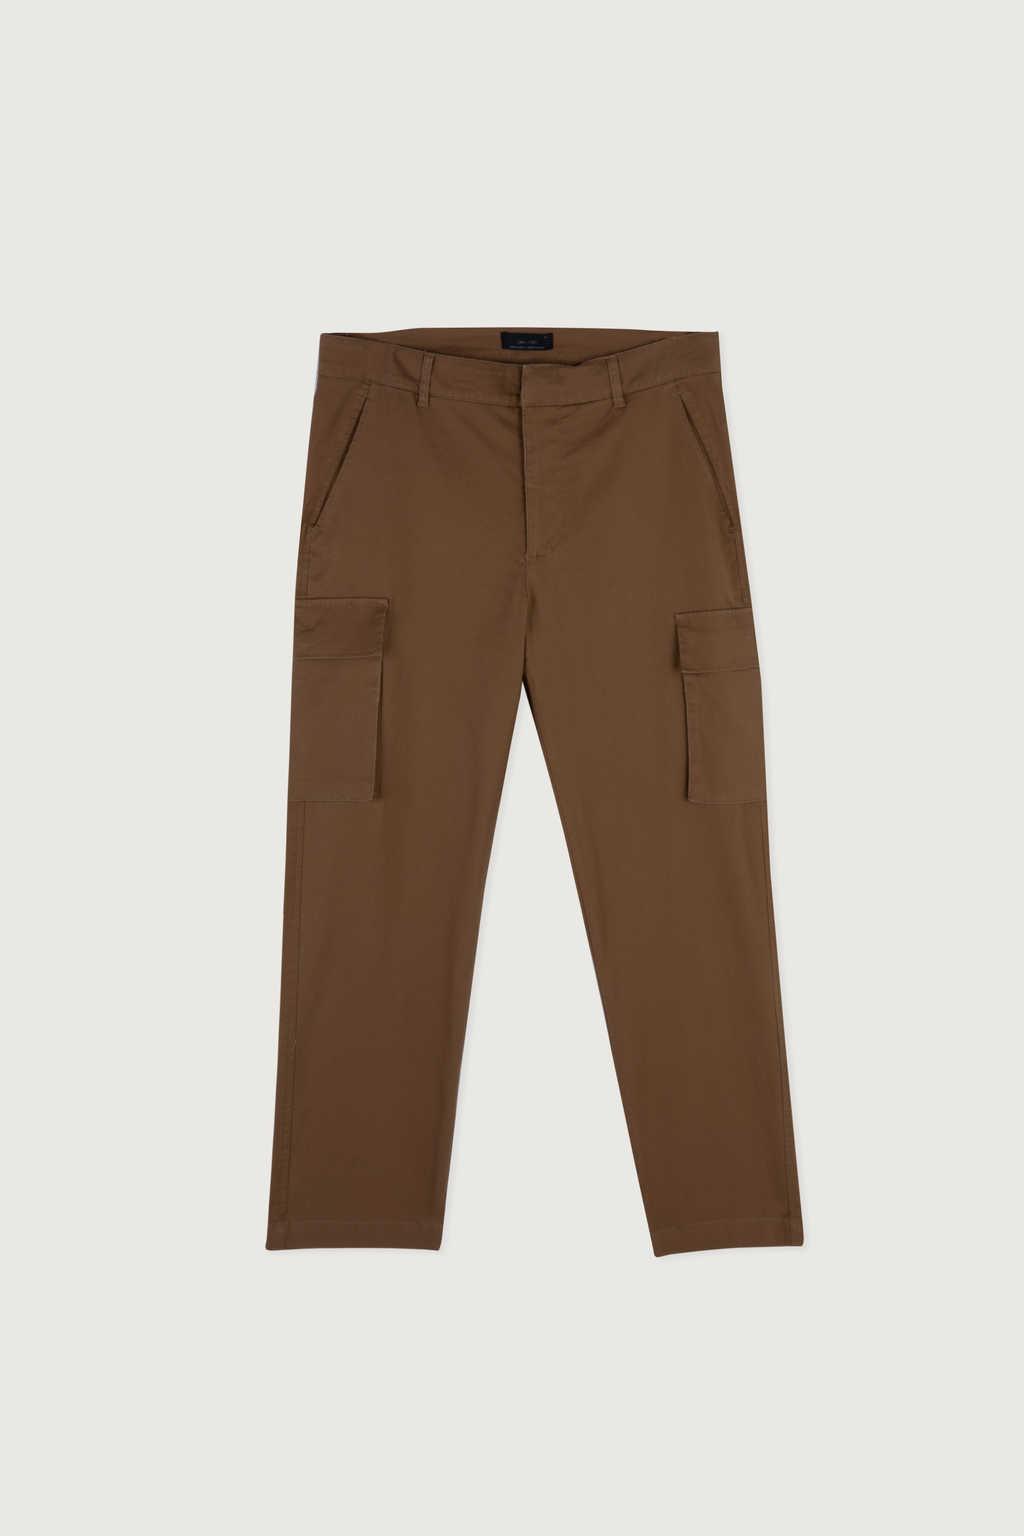 Pant 3017 Brown 7